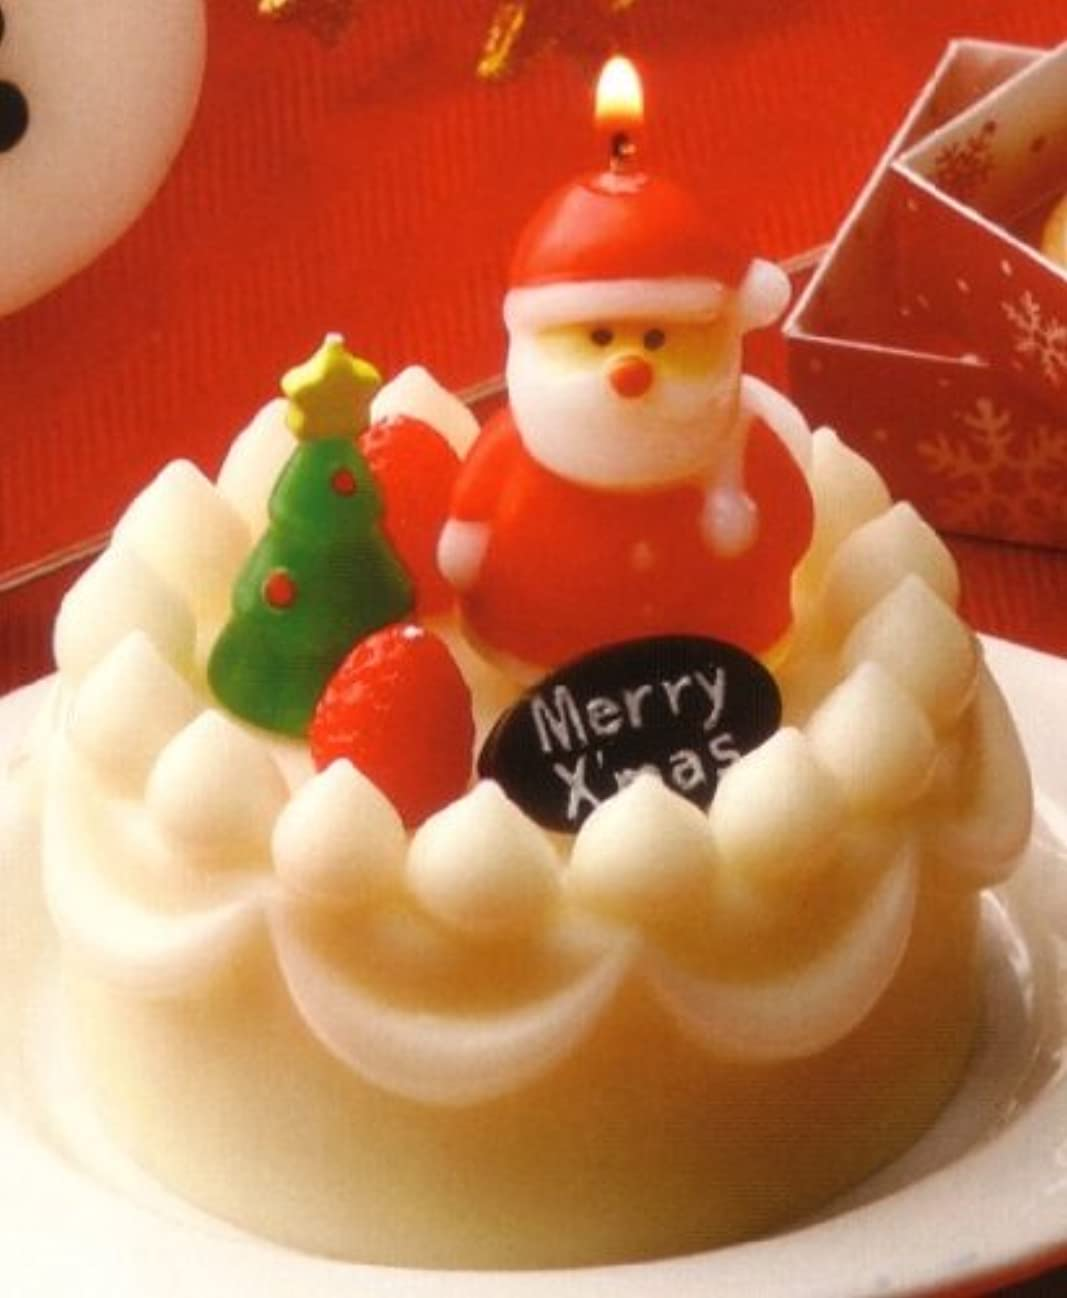 広範囲解任期待するクリスマスデコケーキキャンドル サンタ